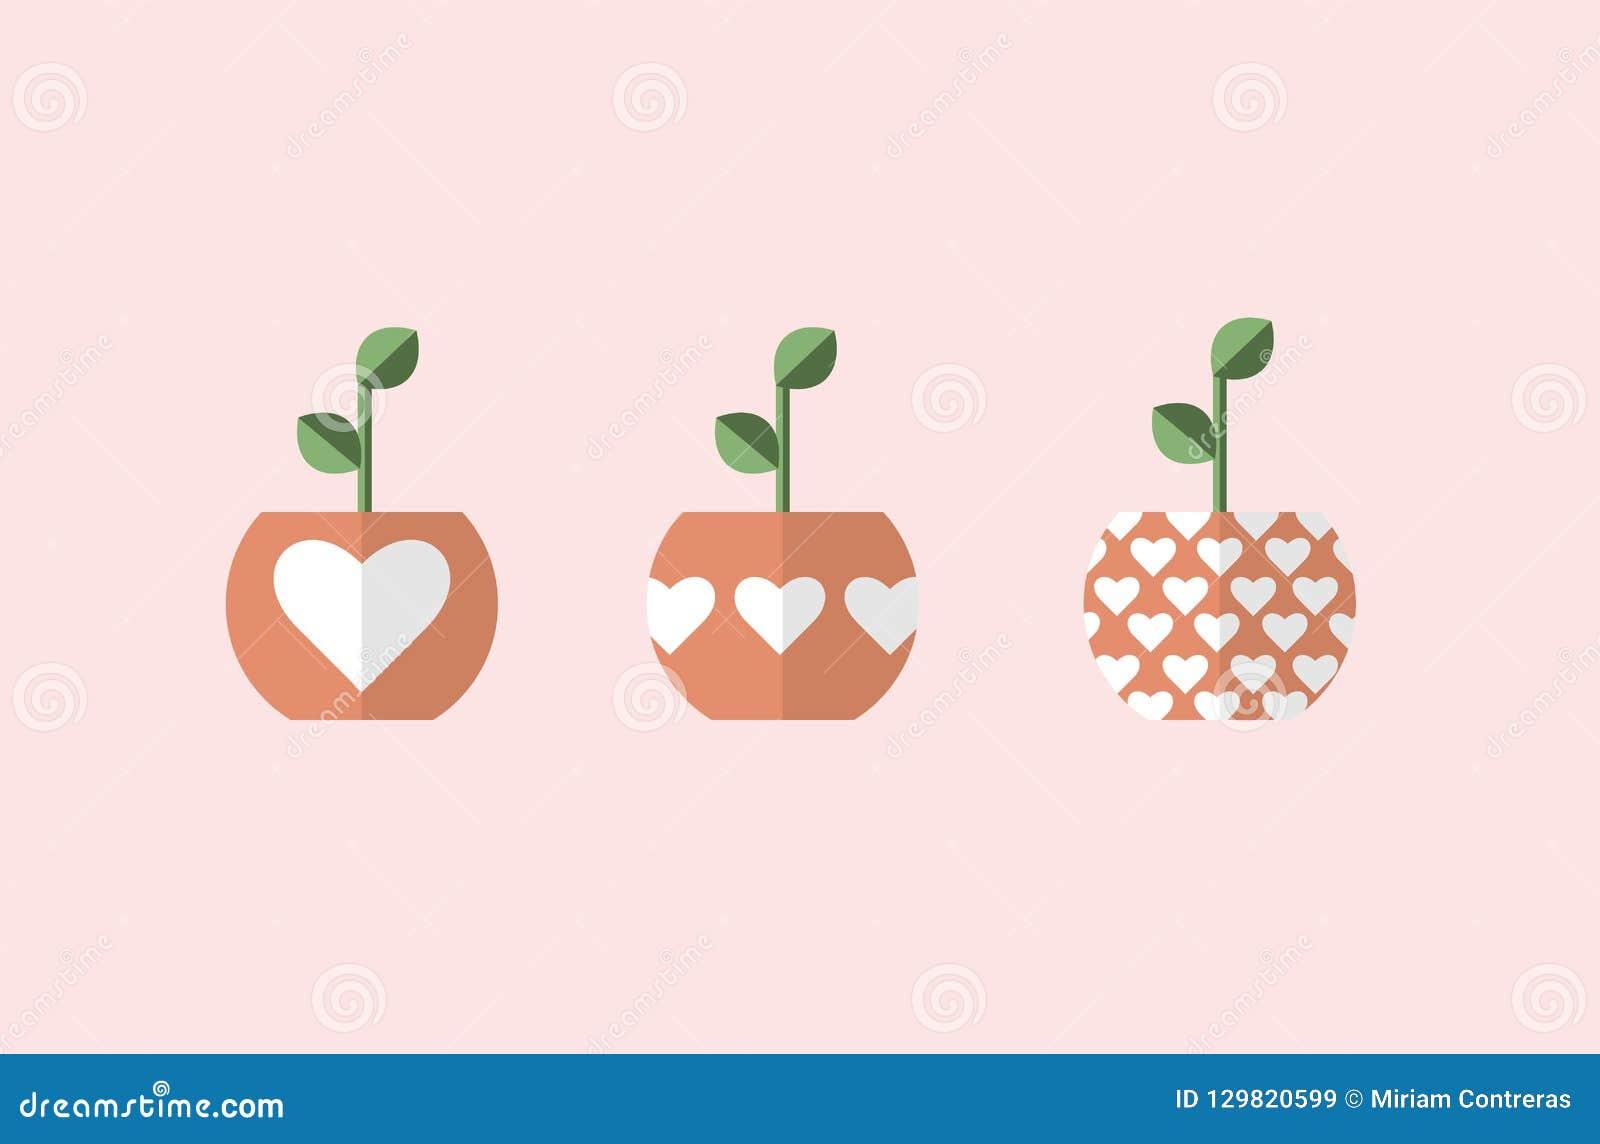 Usine dans des pots avec des coeurs 3 vecteurs différents, conceptions simples